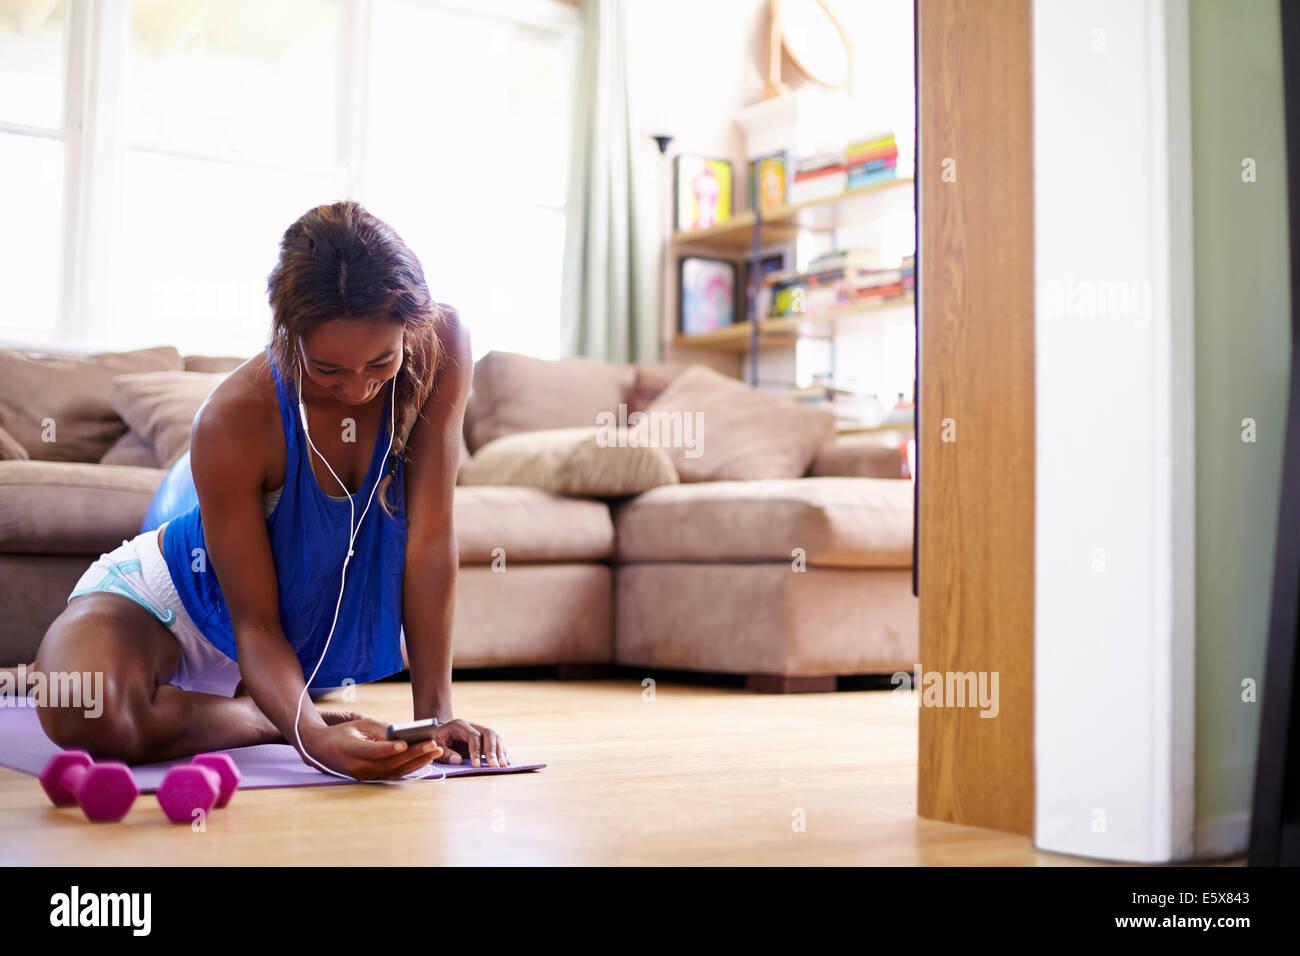 Mujer joven ejercer sobre el suelo de la sala de estar, mientras que mira el smartphone Imagen De Stock